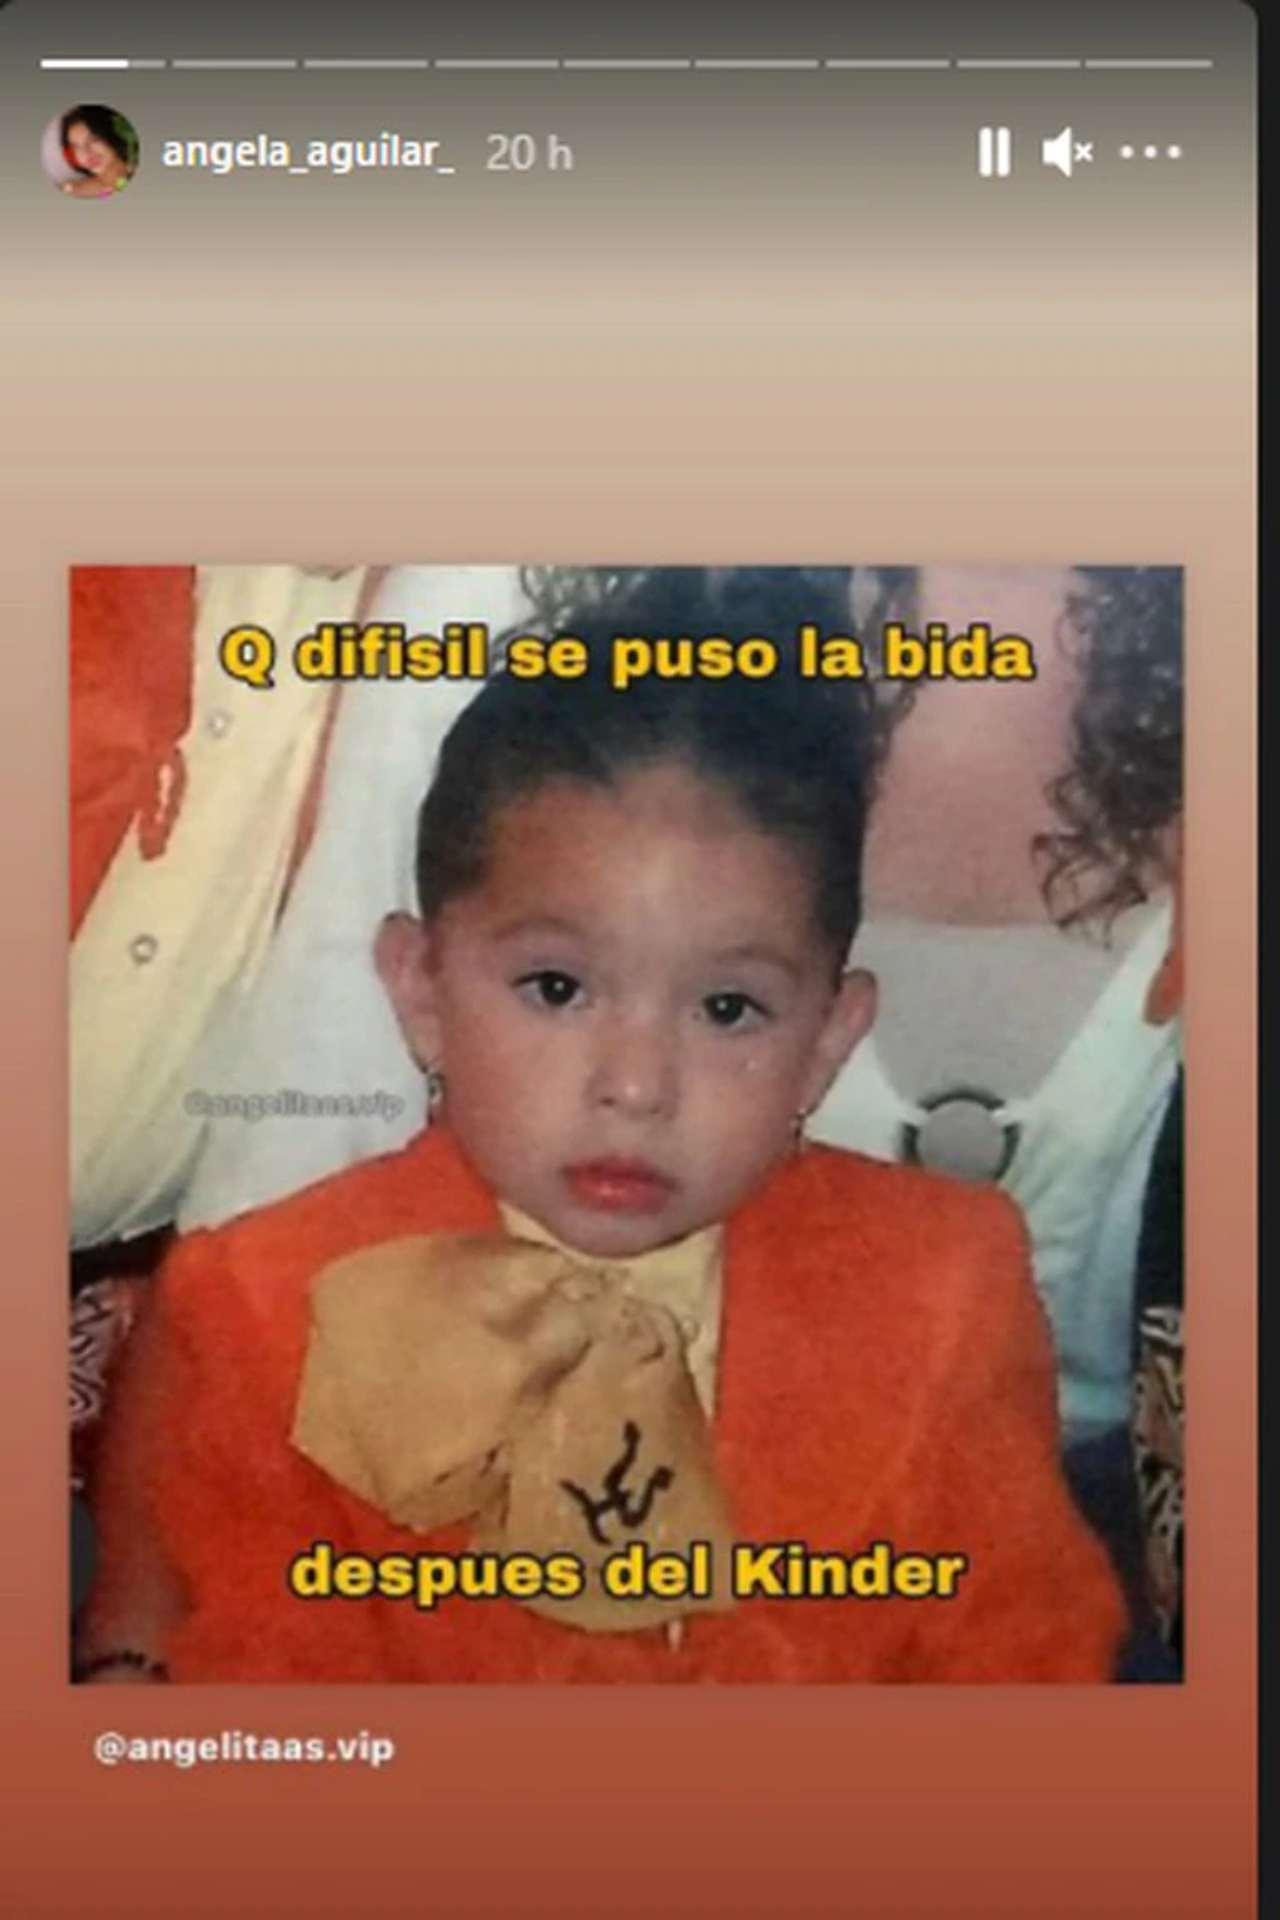 Ángela Aguilar meme fans